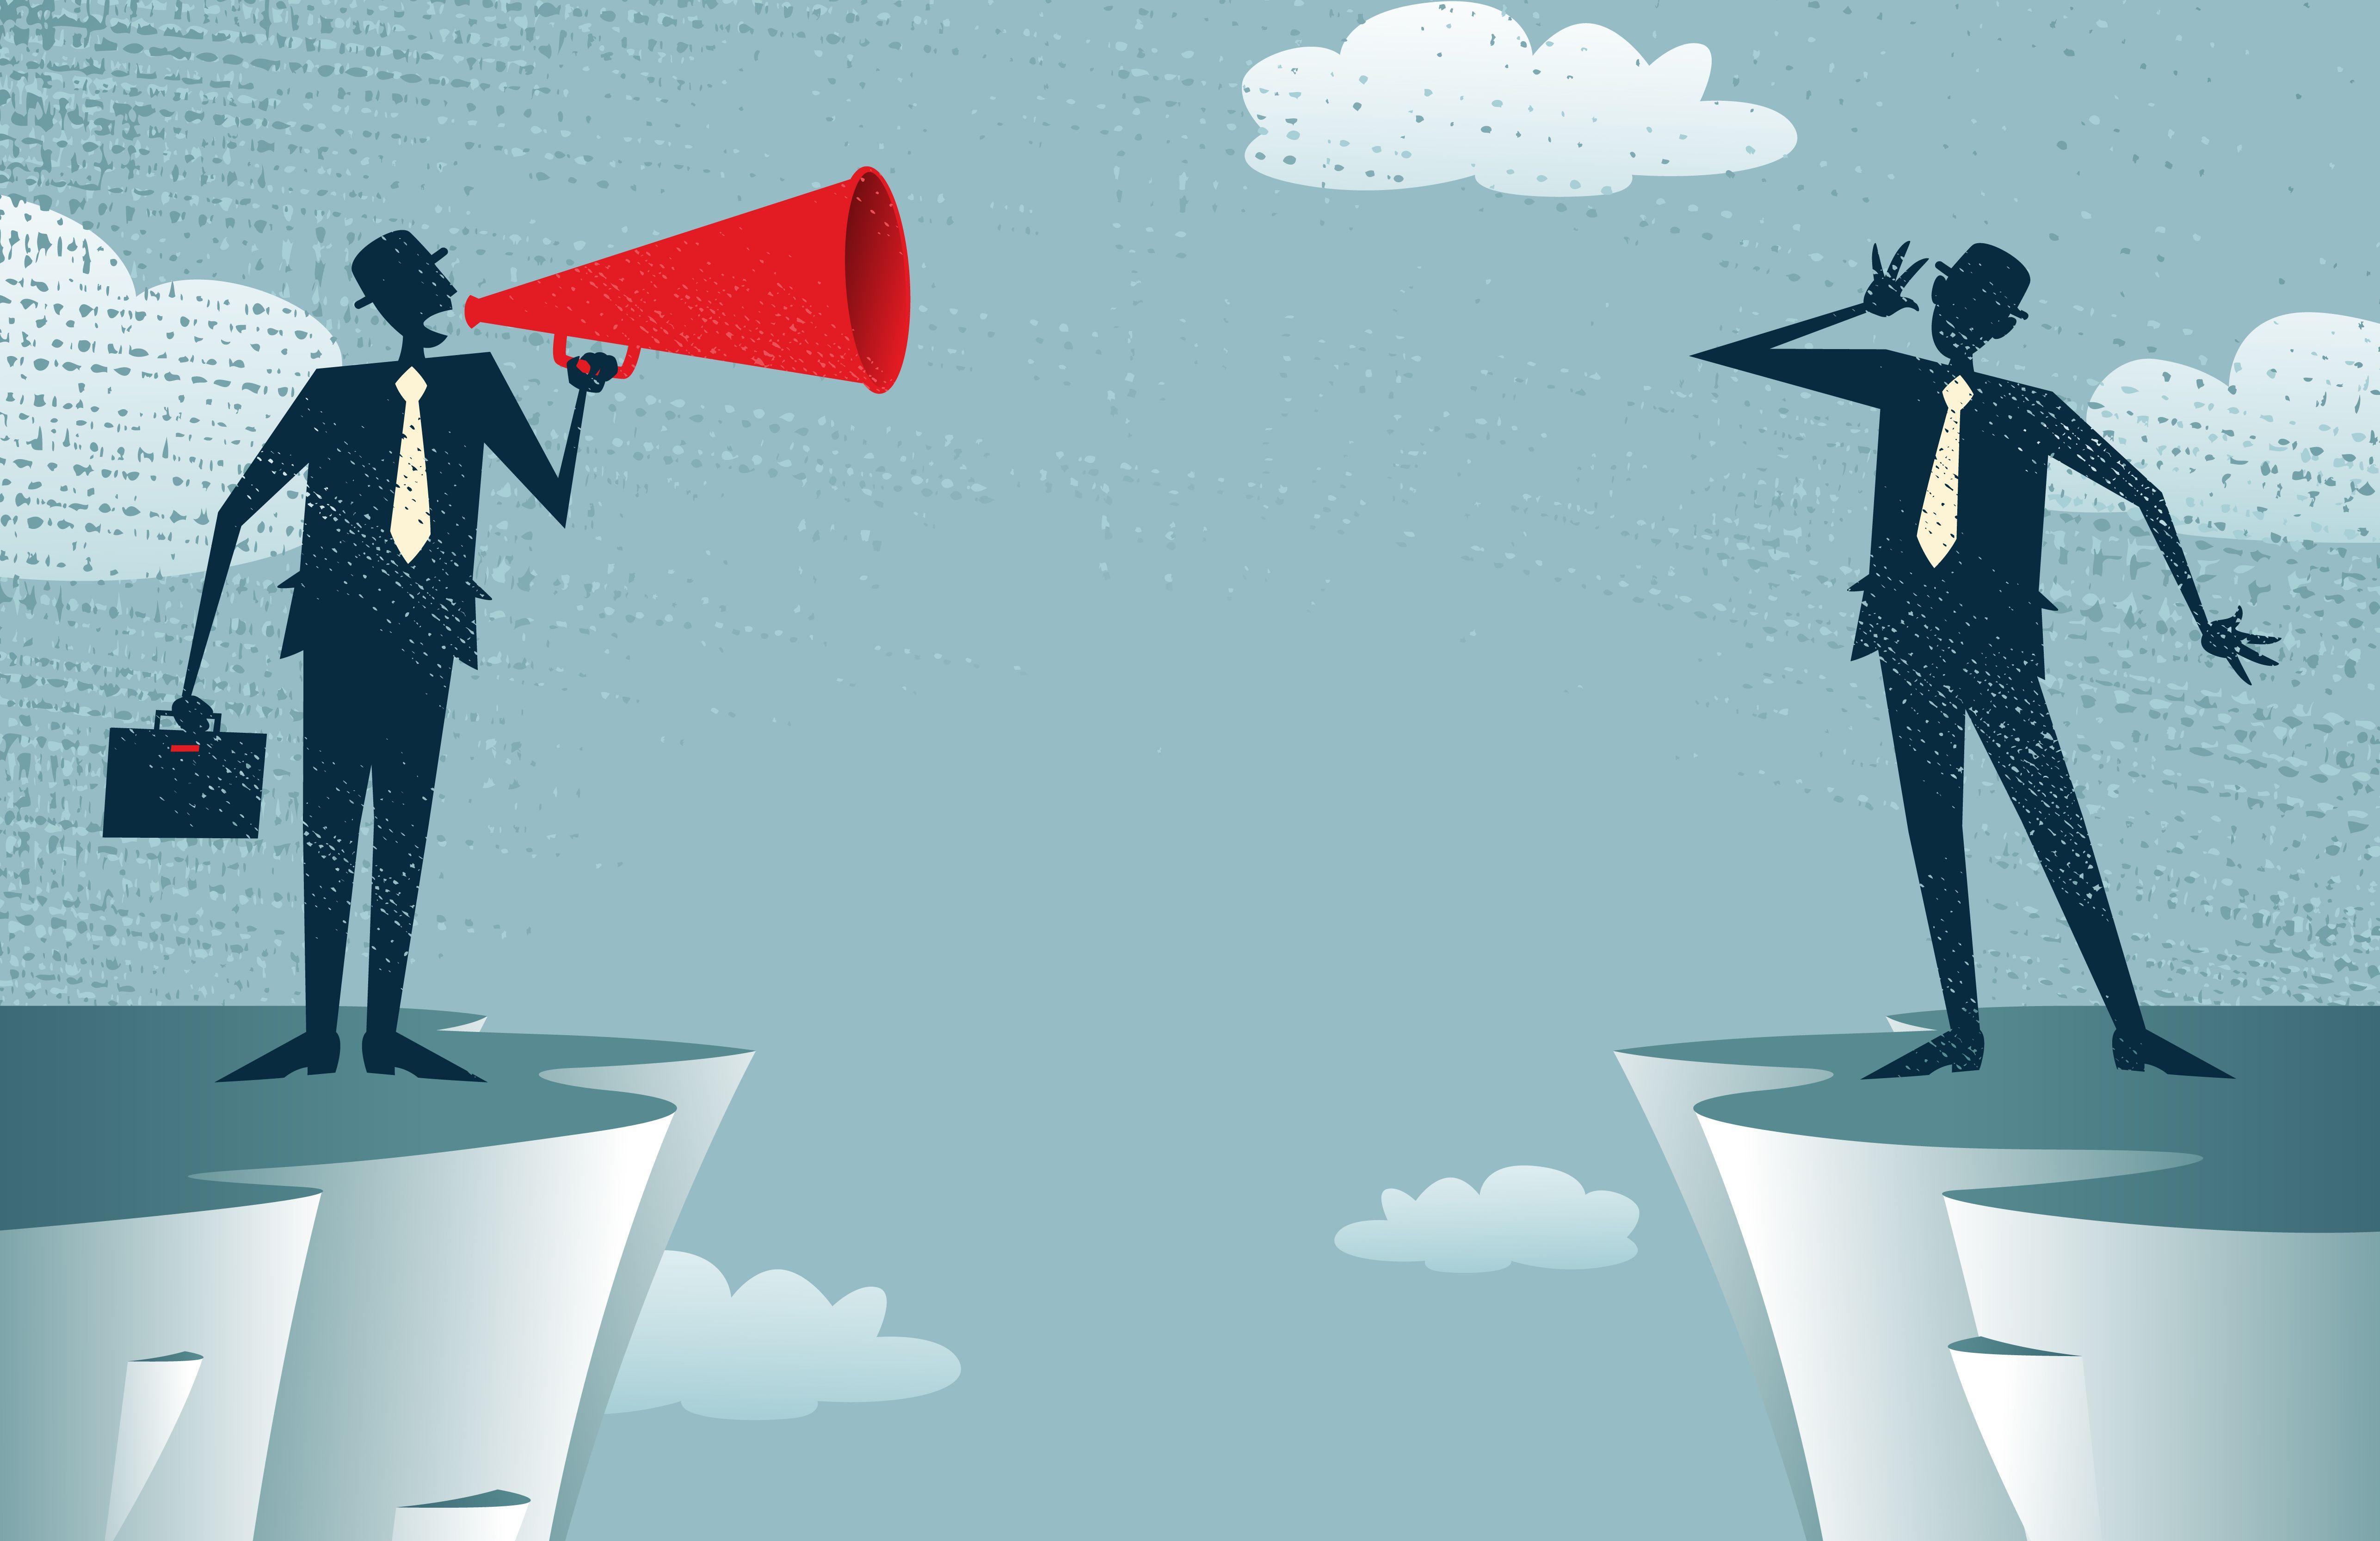 Kandydaci biorący udział w procesach rekrutacyjnych oceniają firmy rywalizujące o dostępnych na rynku pracowników i zwracają uwagę na okazywany im szacunek (Fot. Shutterstock)